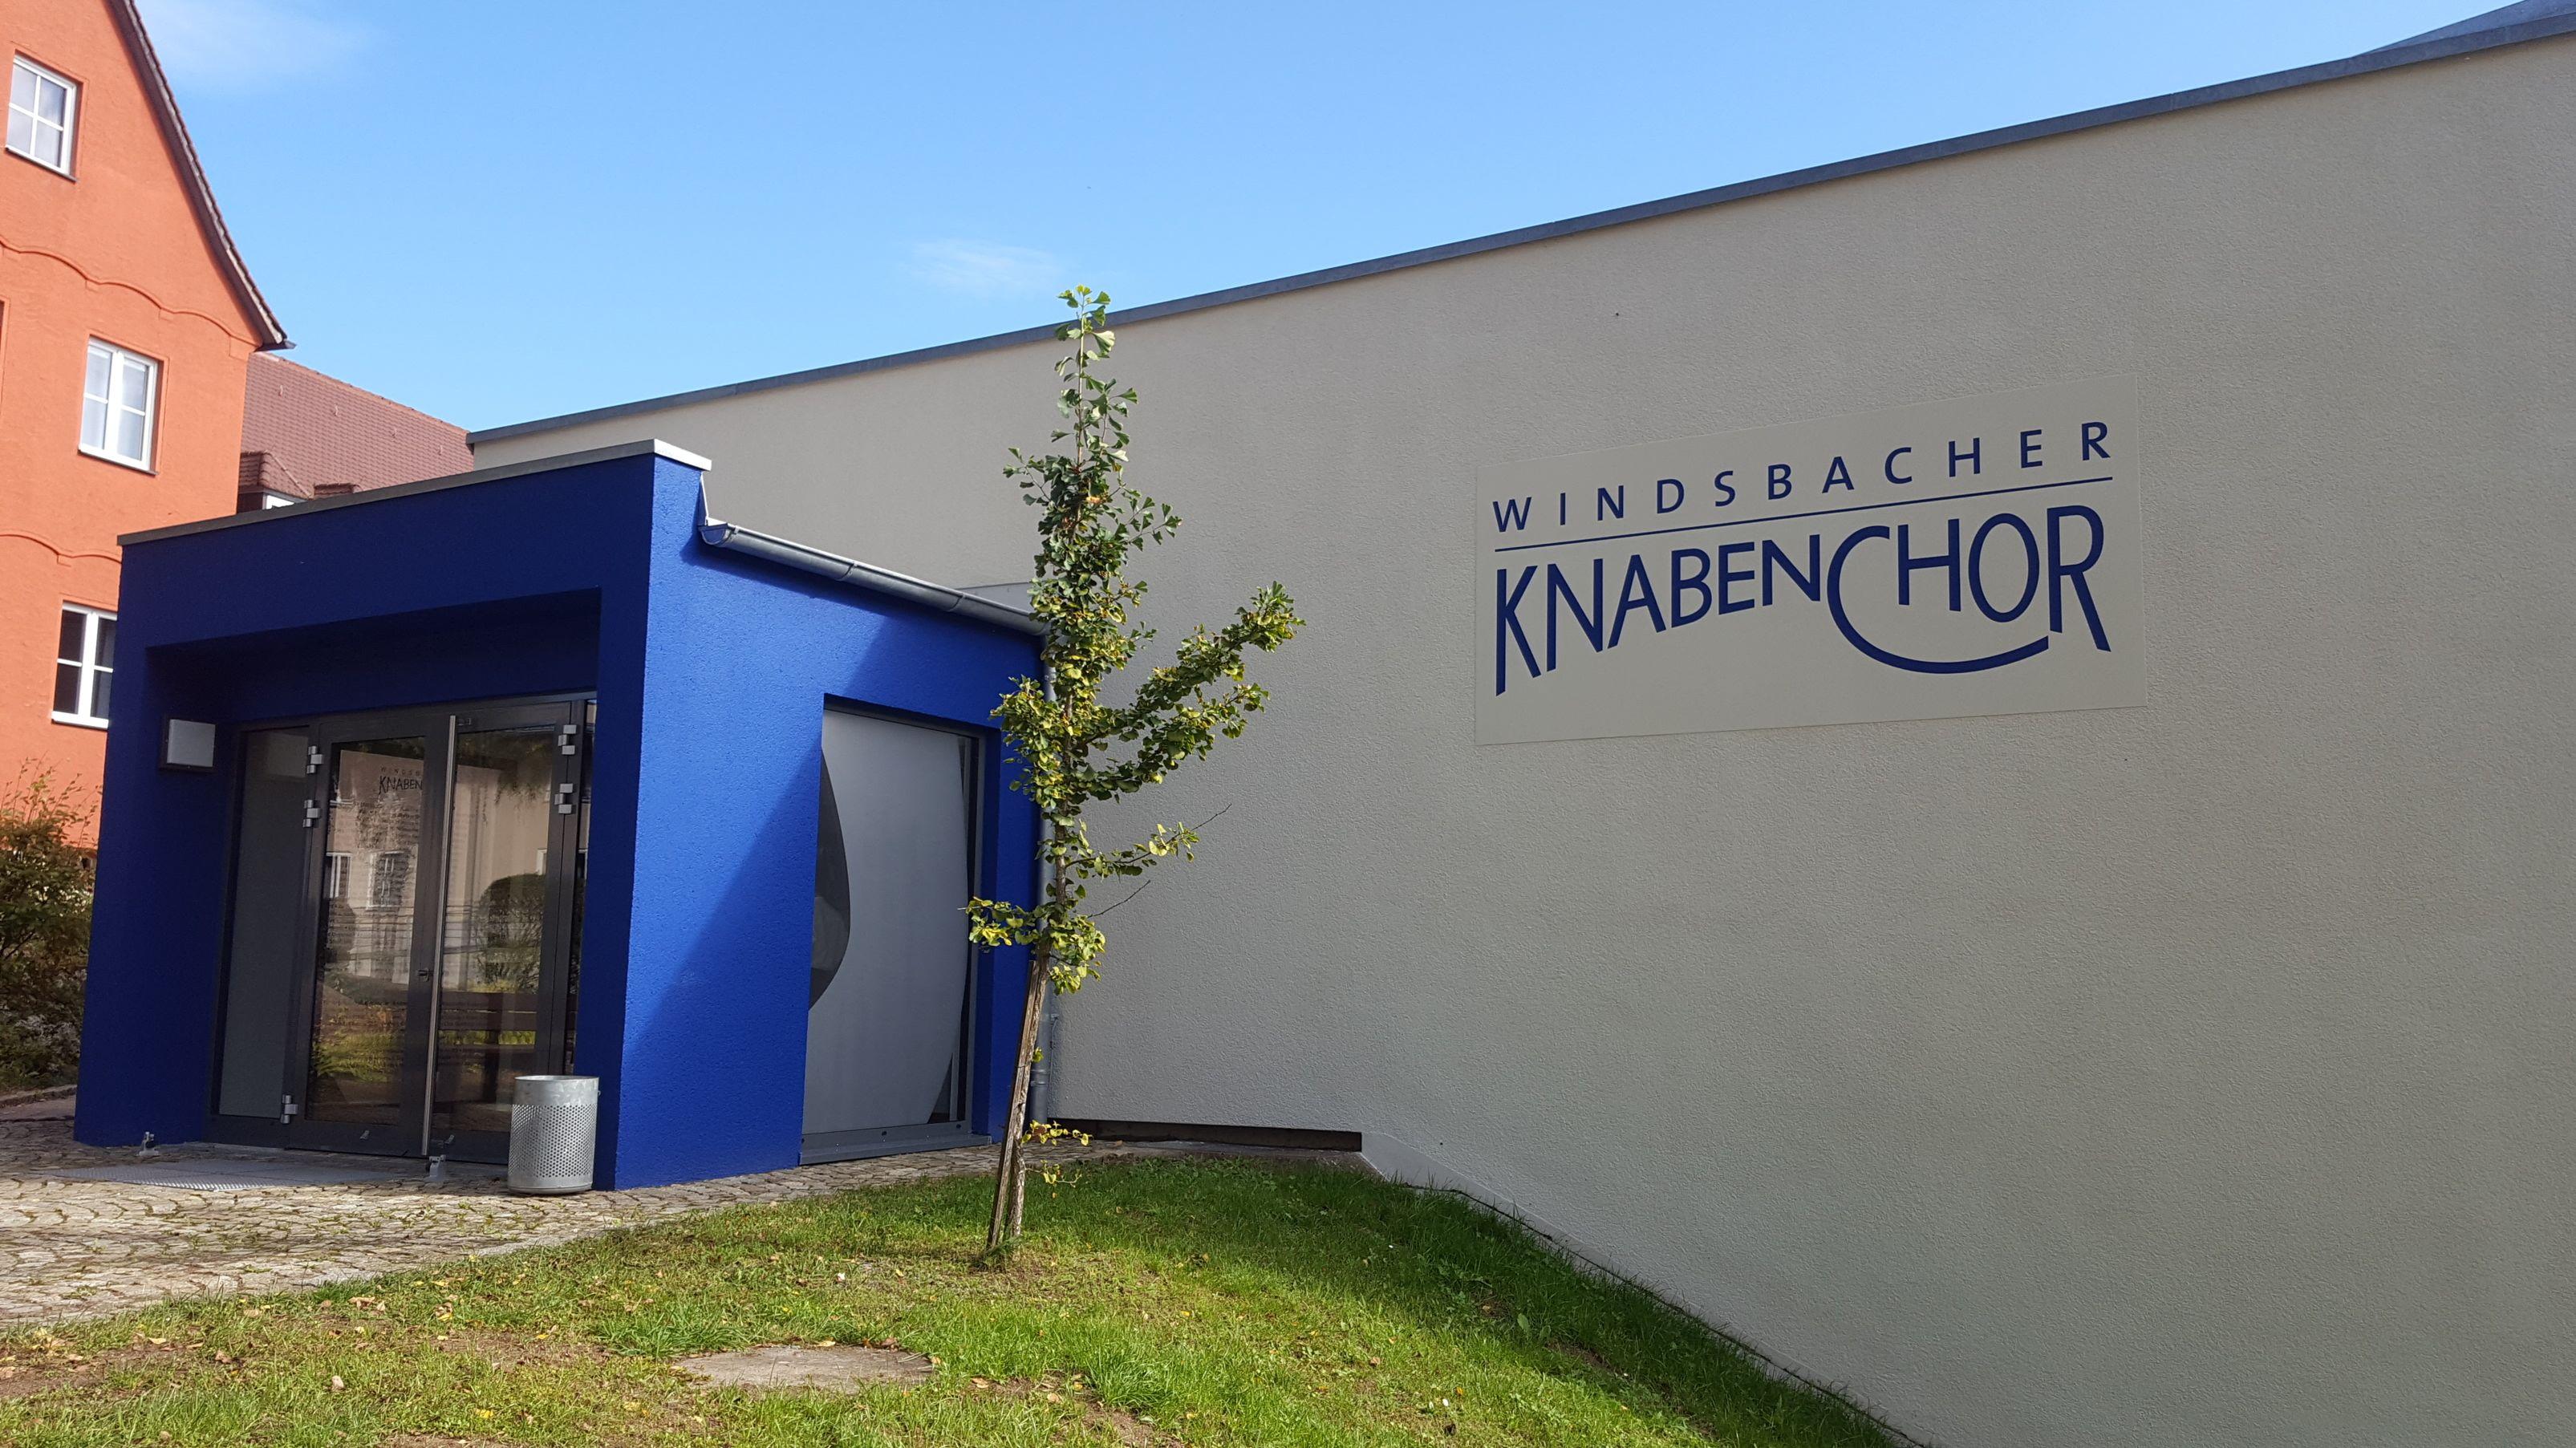 Neues Chorzentrum für Windsbacher Knabenchor